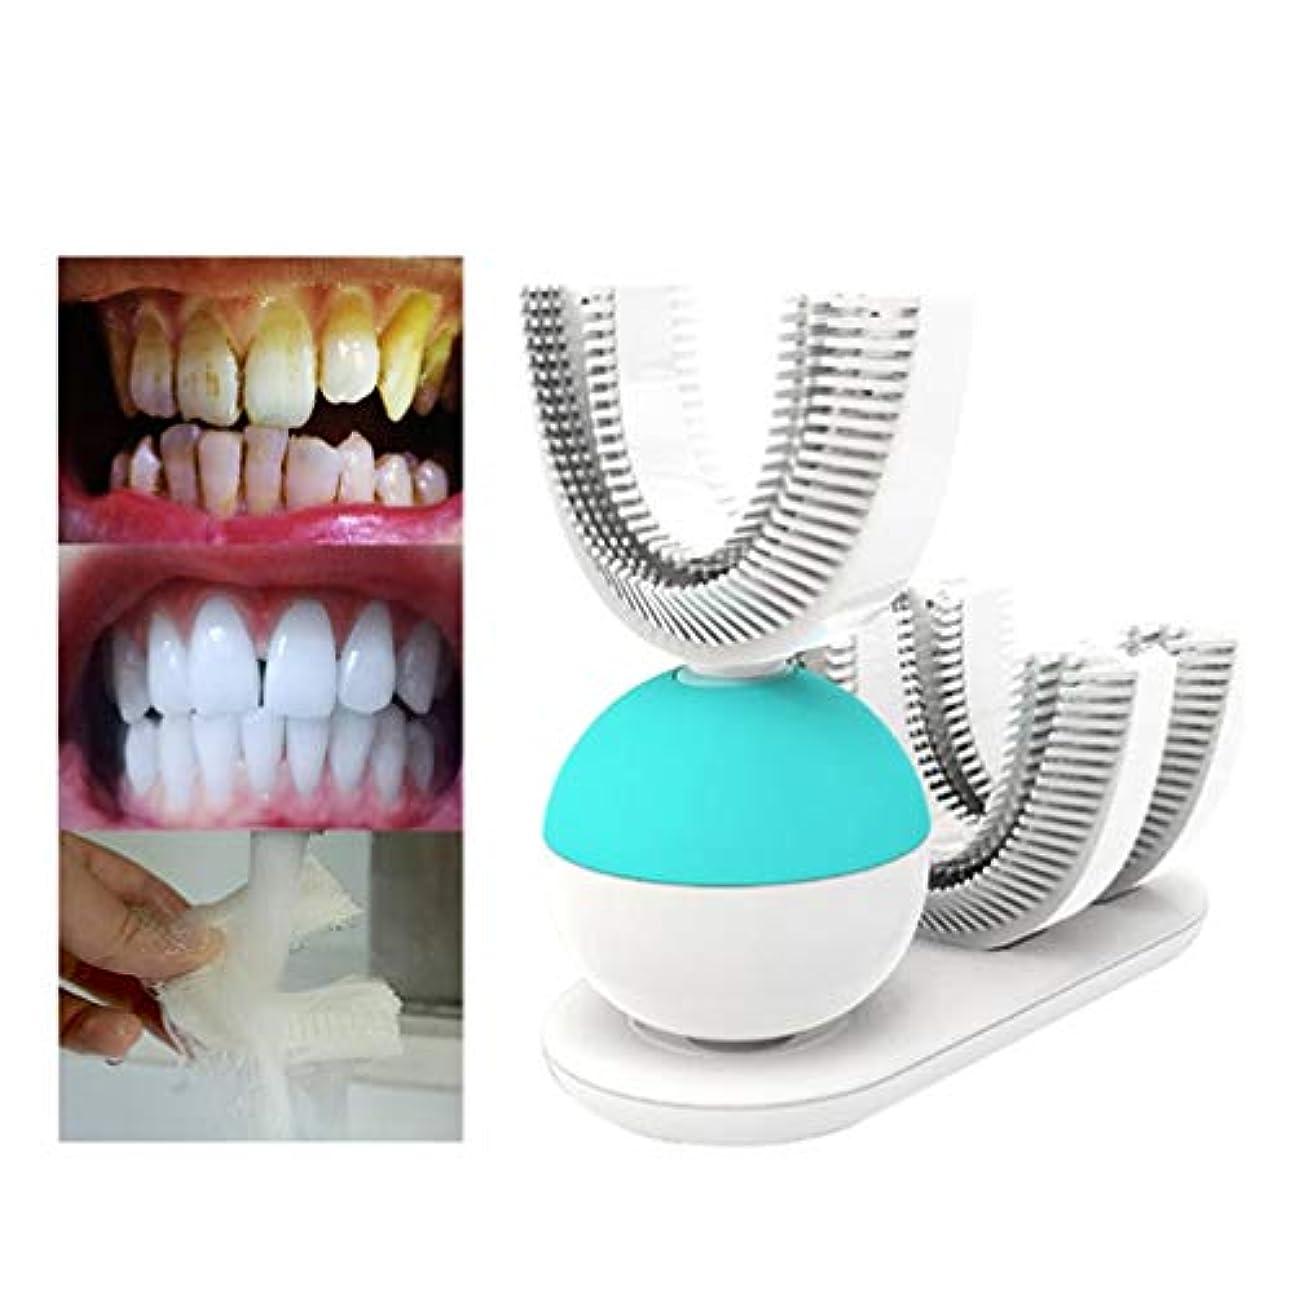 有毒真空マイコン電動歯ブラシ、U字型自動ソニック電動歯ブラシ360度超音波歯磨き粉、充電式電動歯ブラシ